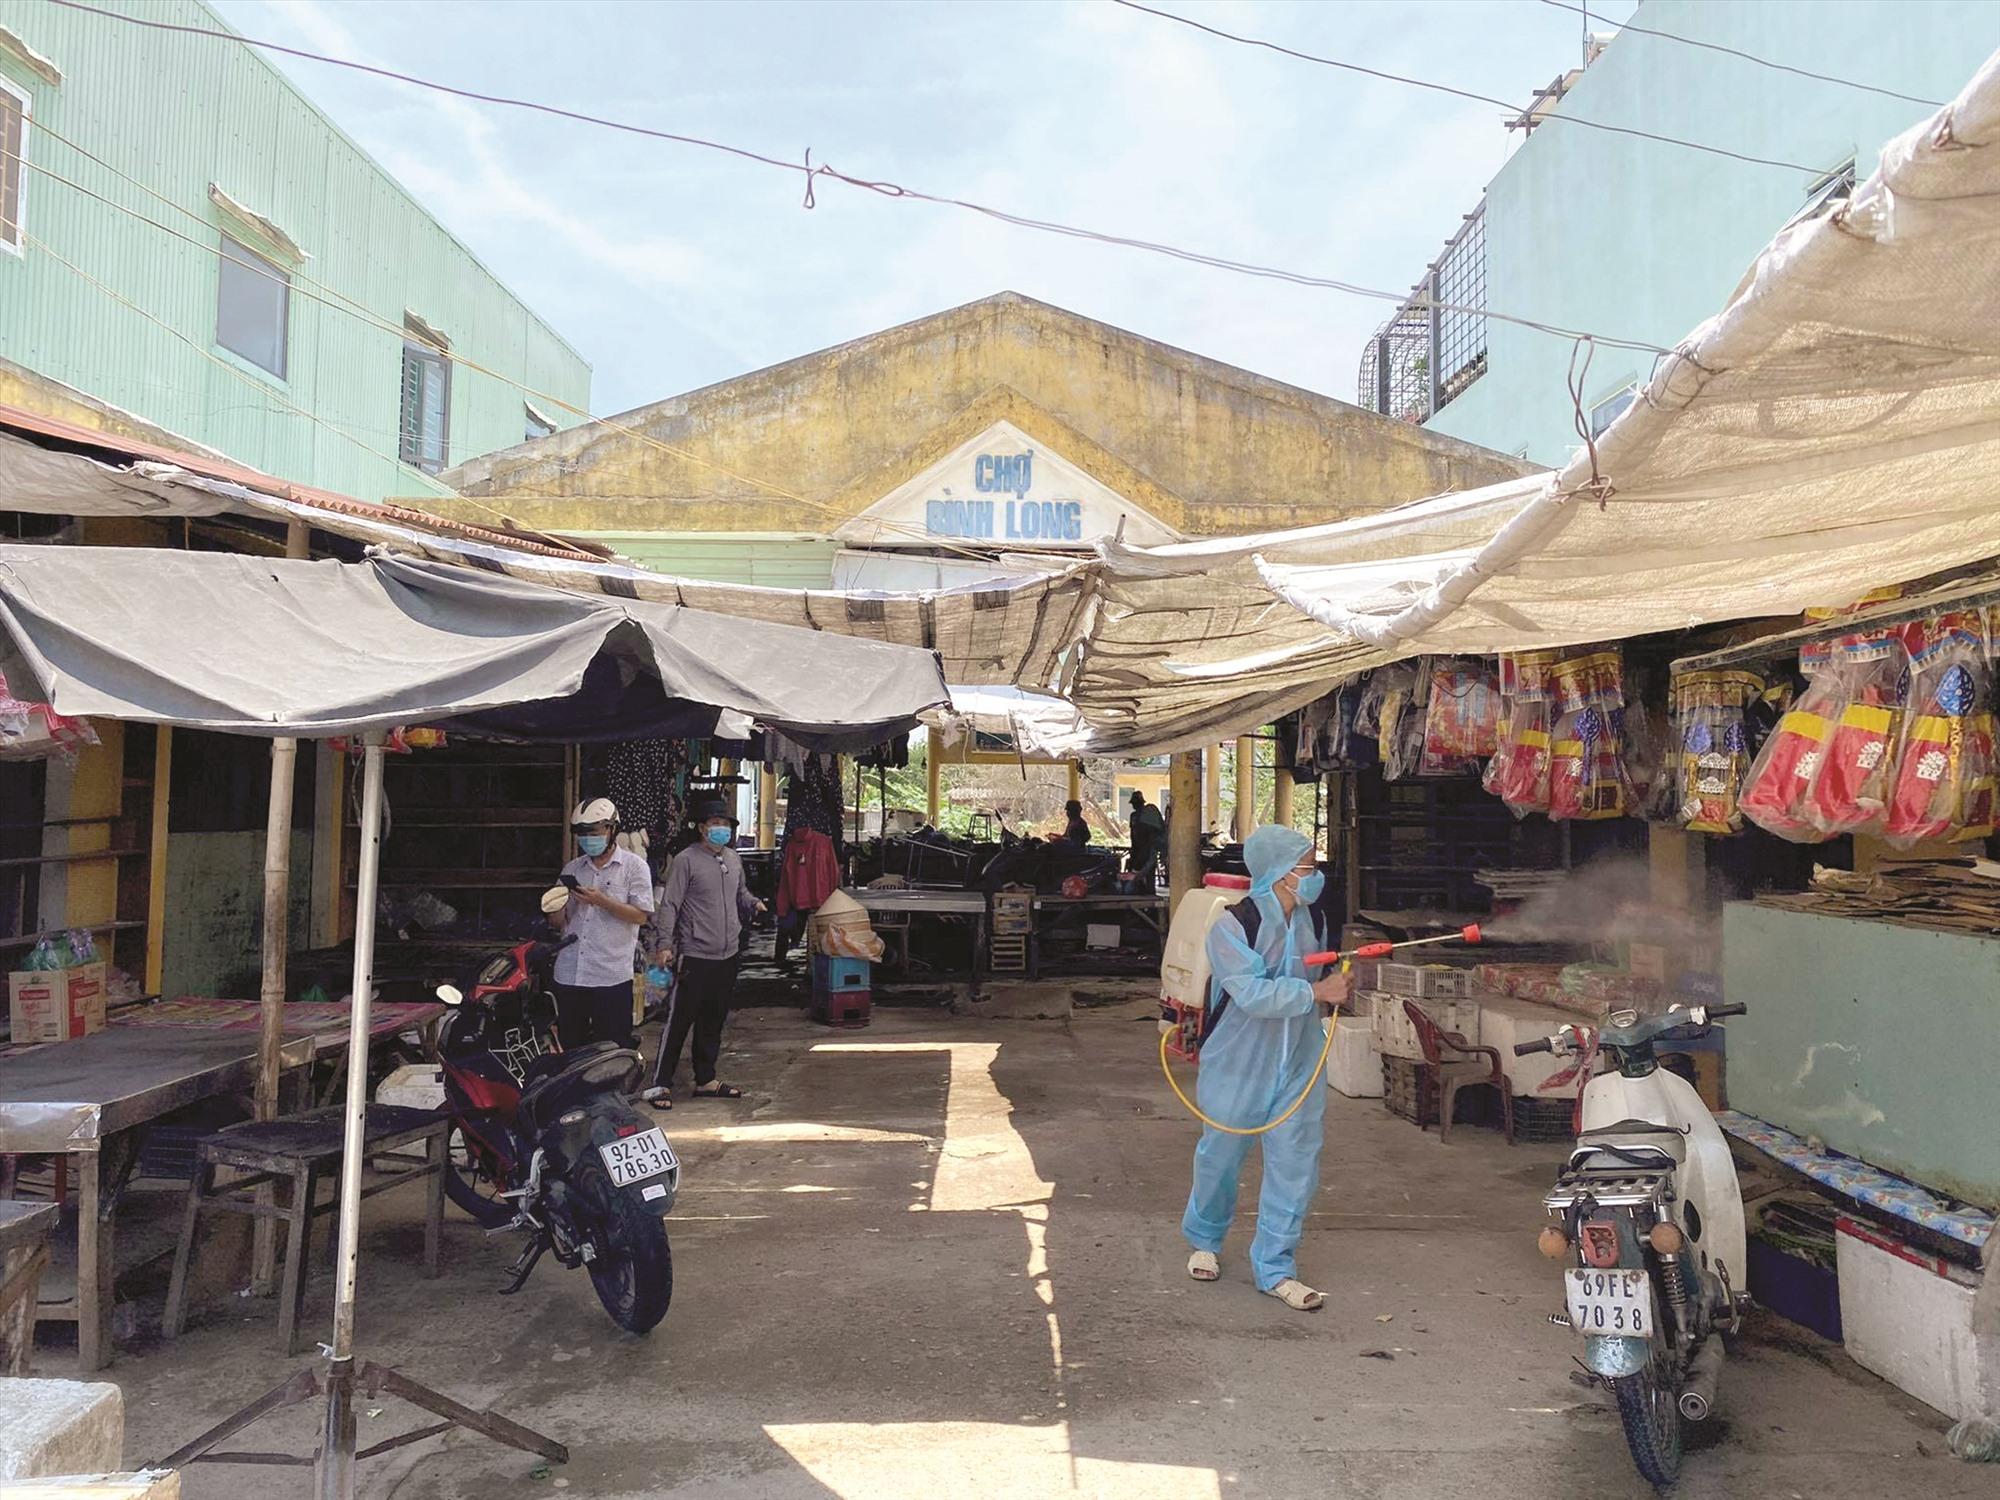 Điện Bàn đã phong tỏa và tiến hành phun thuốc chợ Bình Long, xã Điện Phước. Ảnh: QUANG HÀ